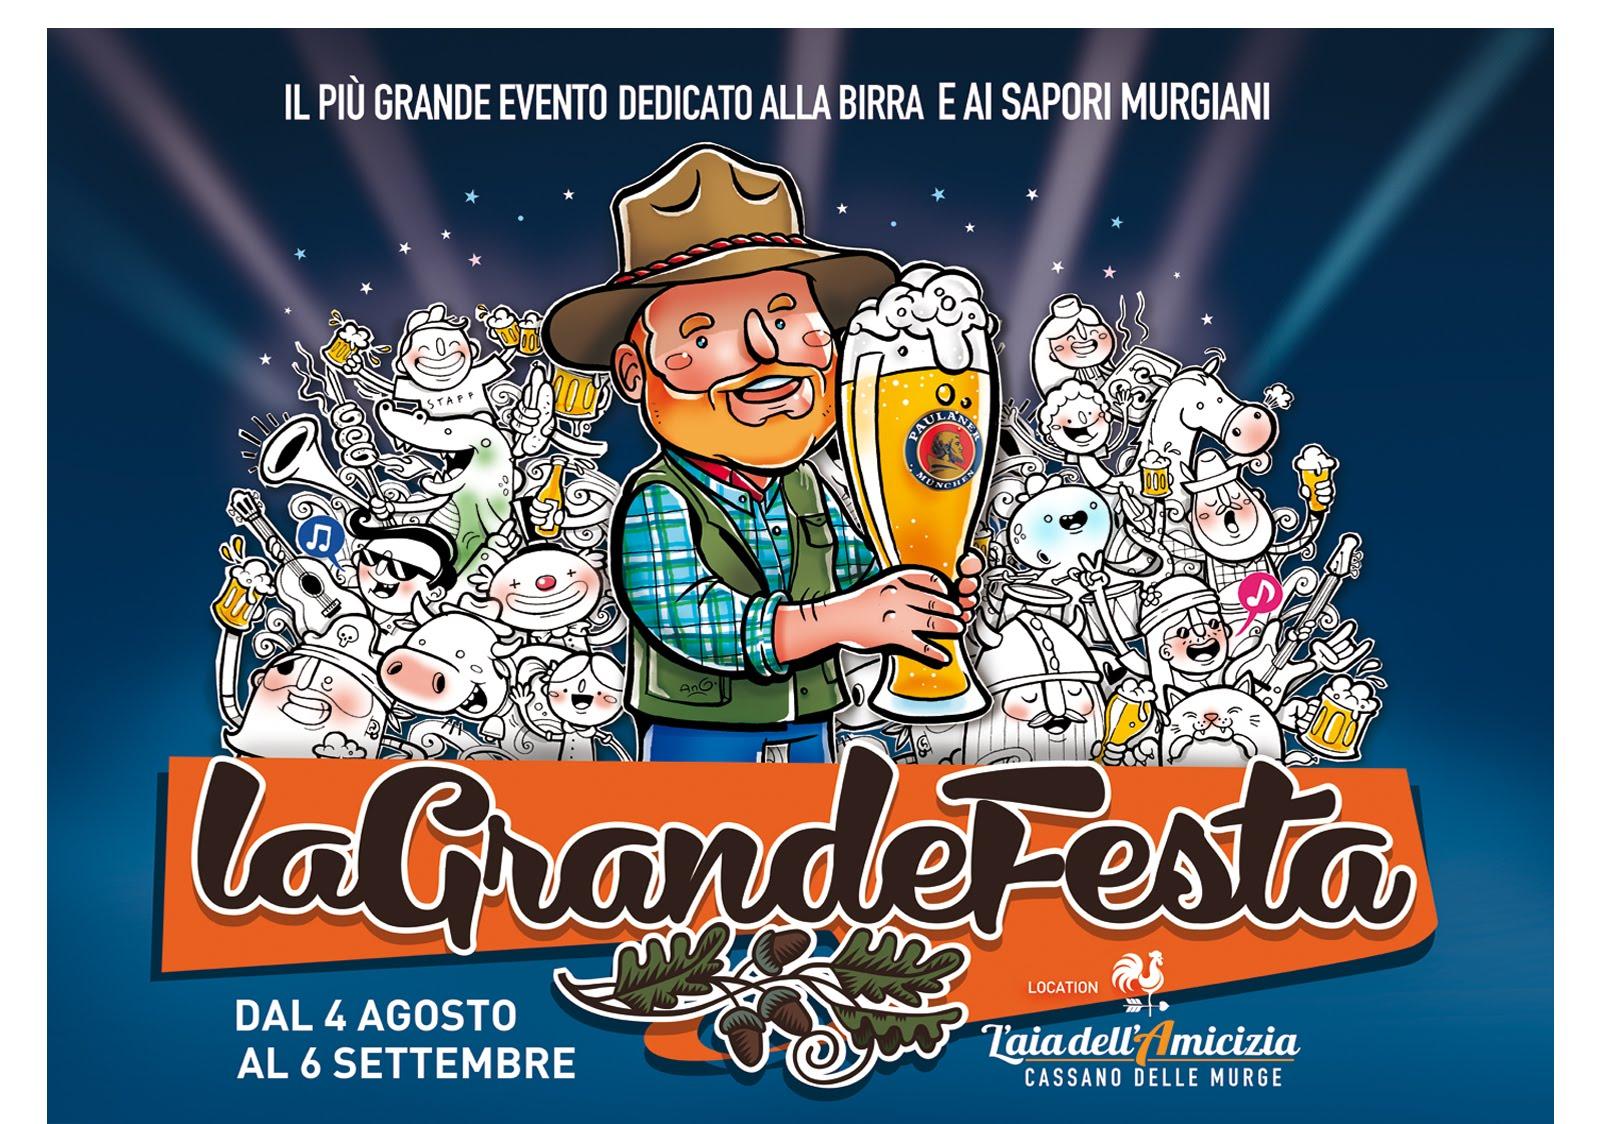 La Grande Festa della Birra